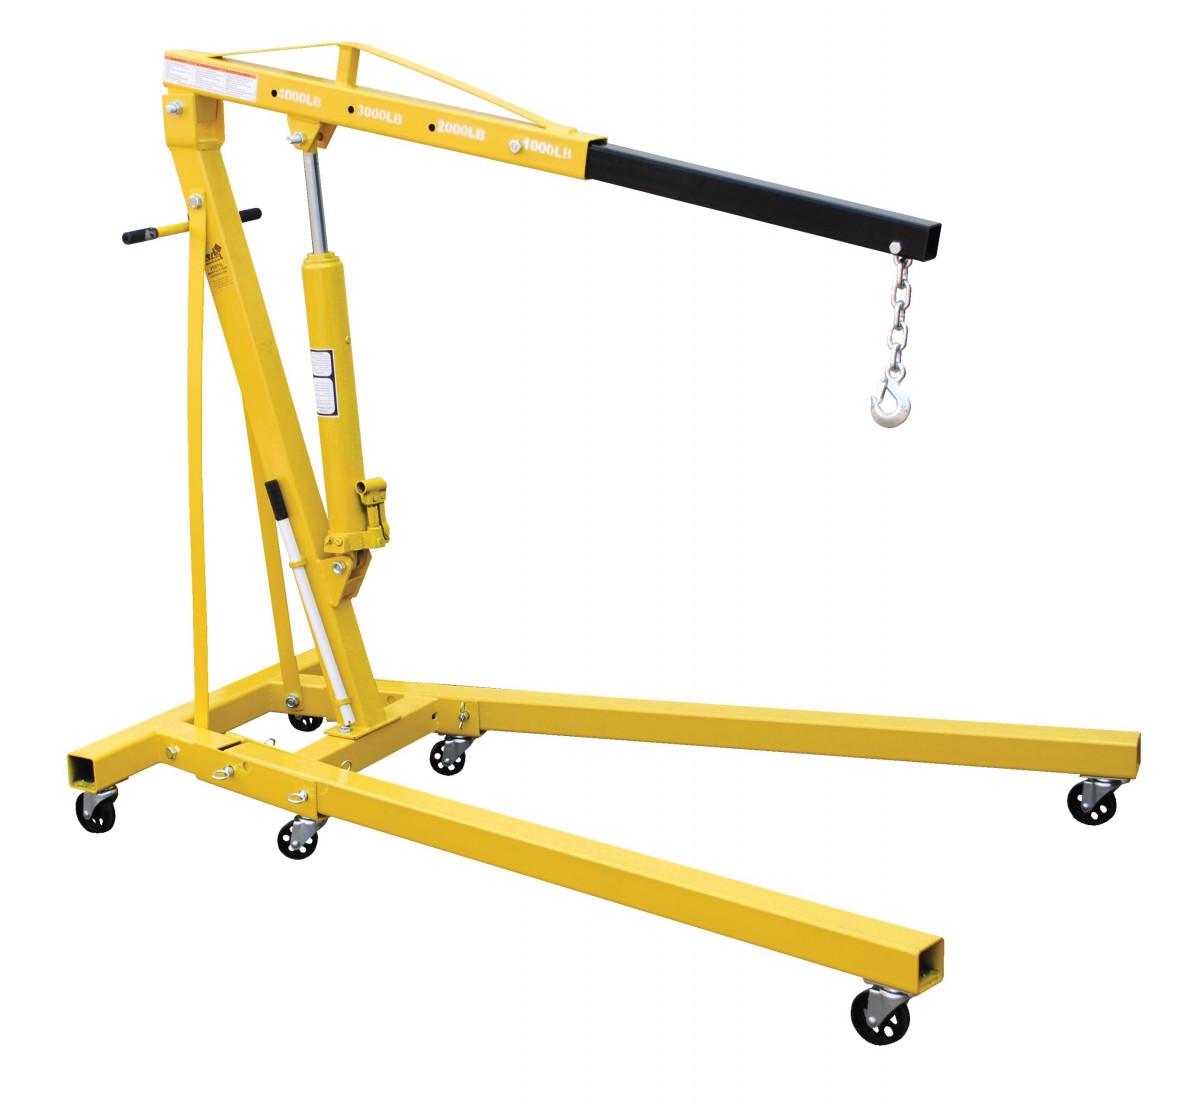 lifts cranes hoists winch rh humphriescasters com manual lifting crane manual crane lifter